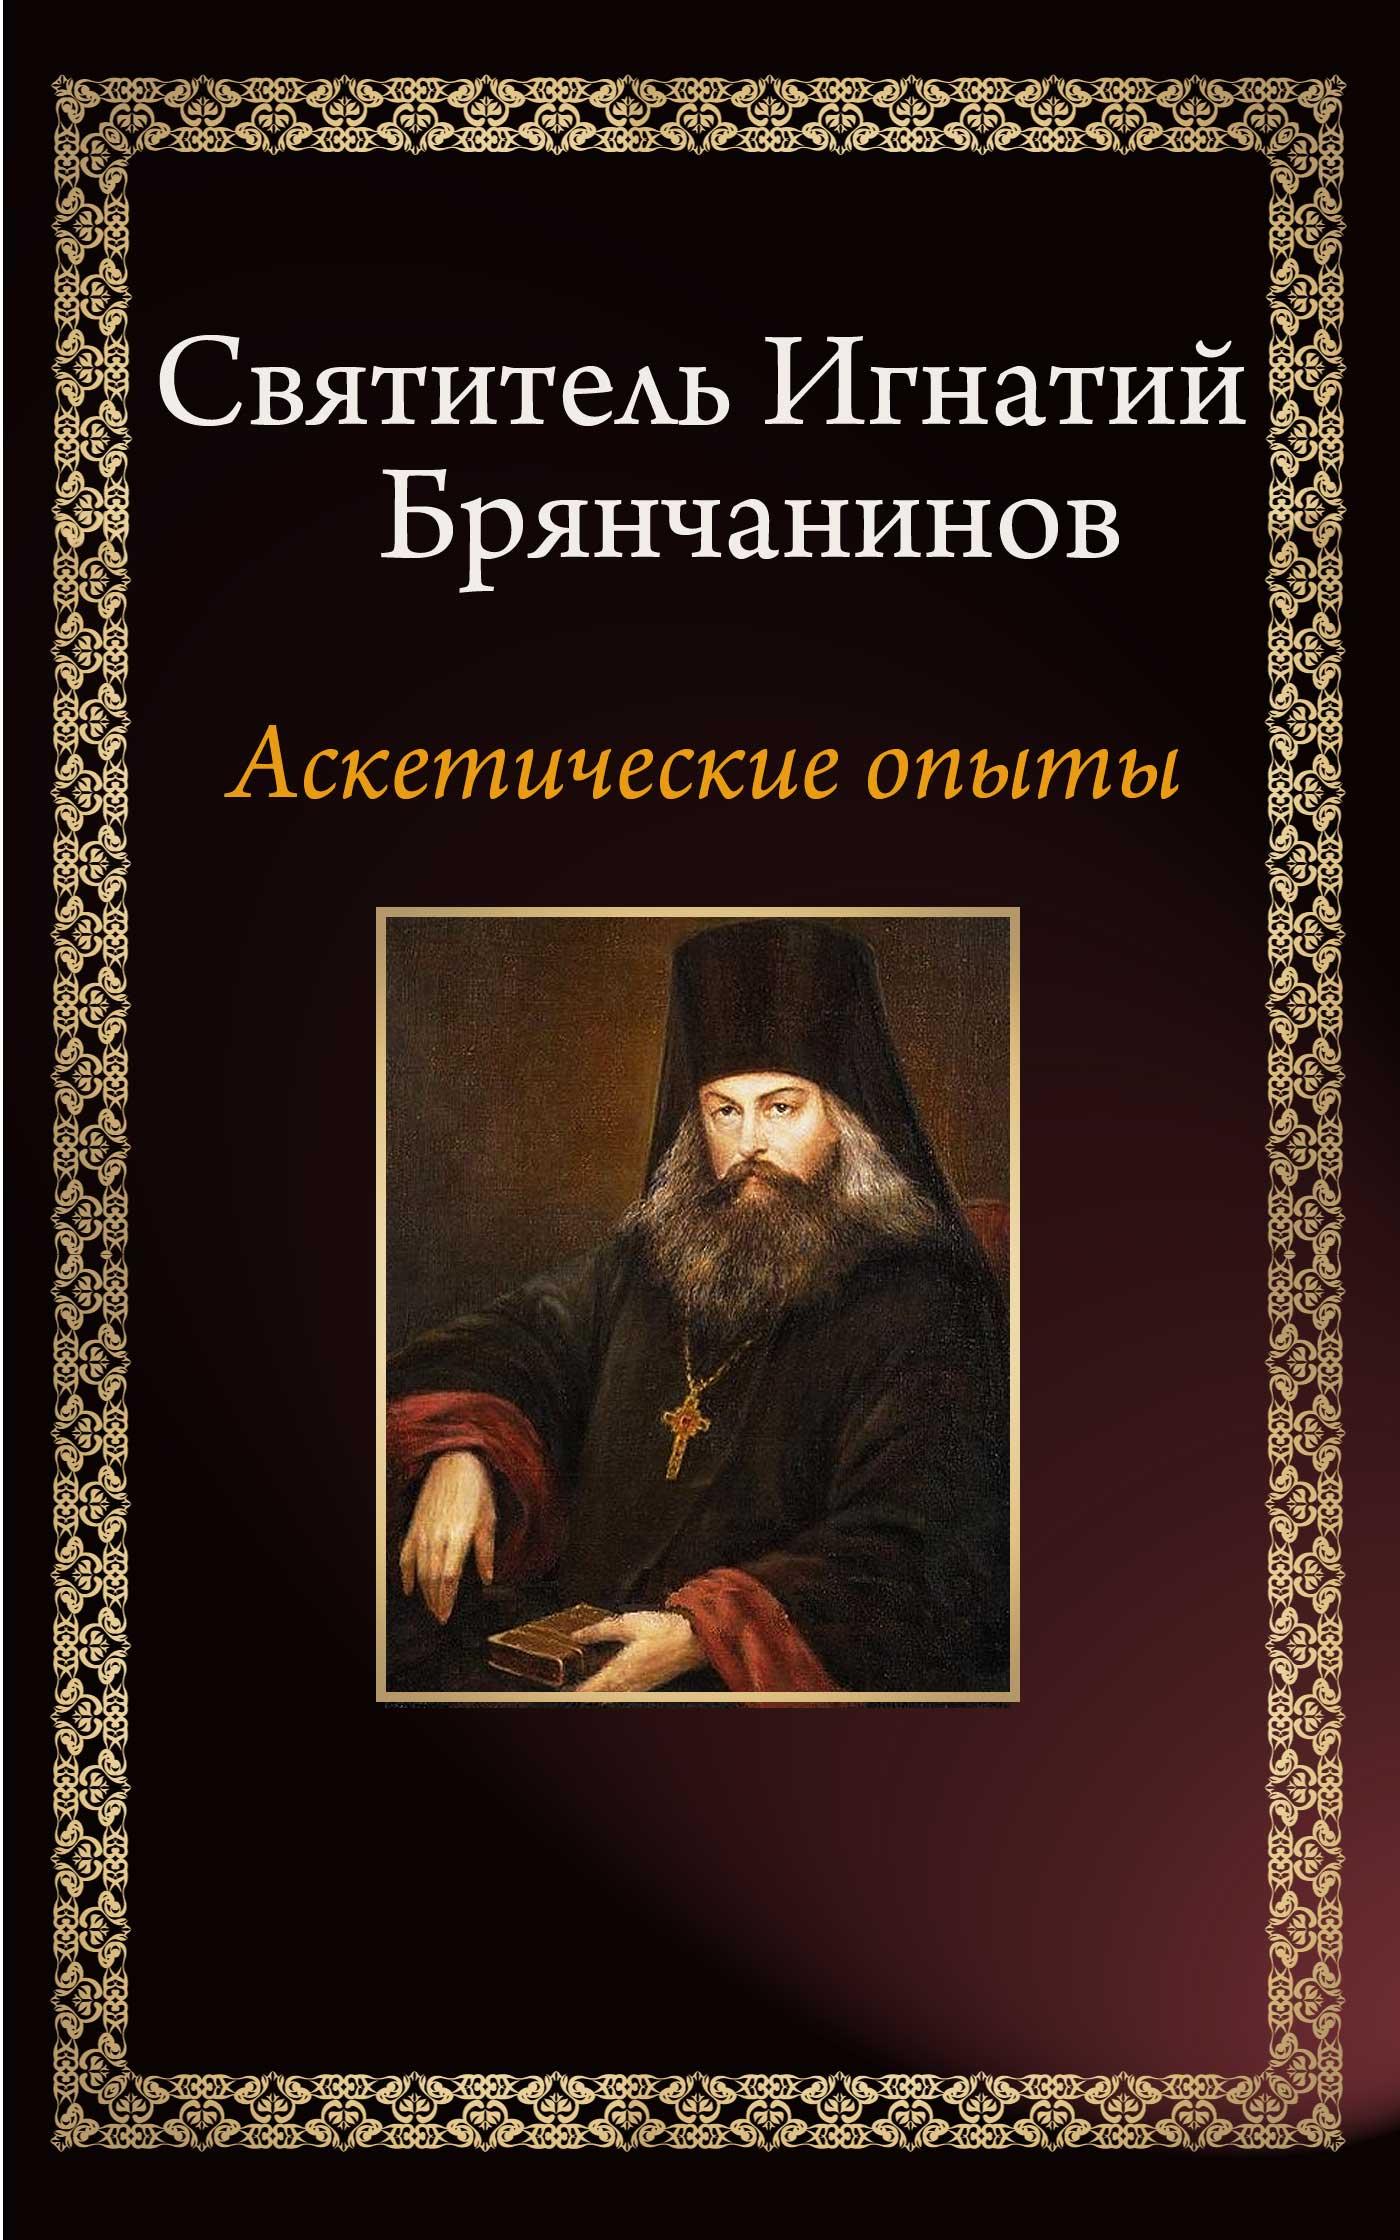 Святитель Игнатий (Брянчанинов) Аскетические опыты